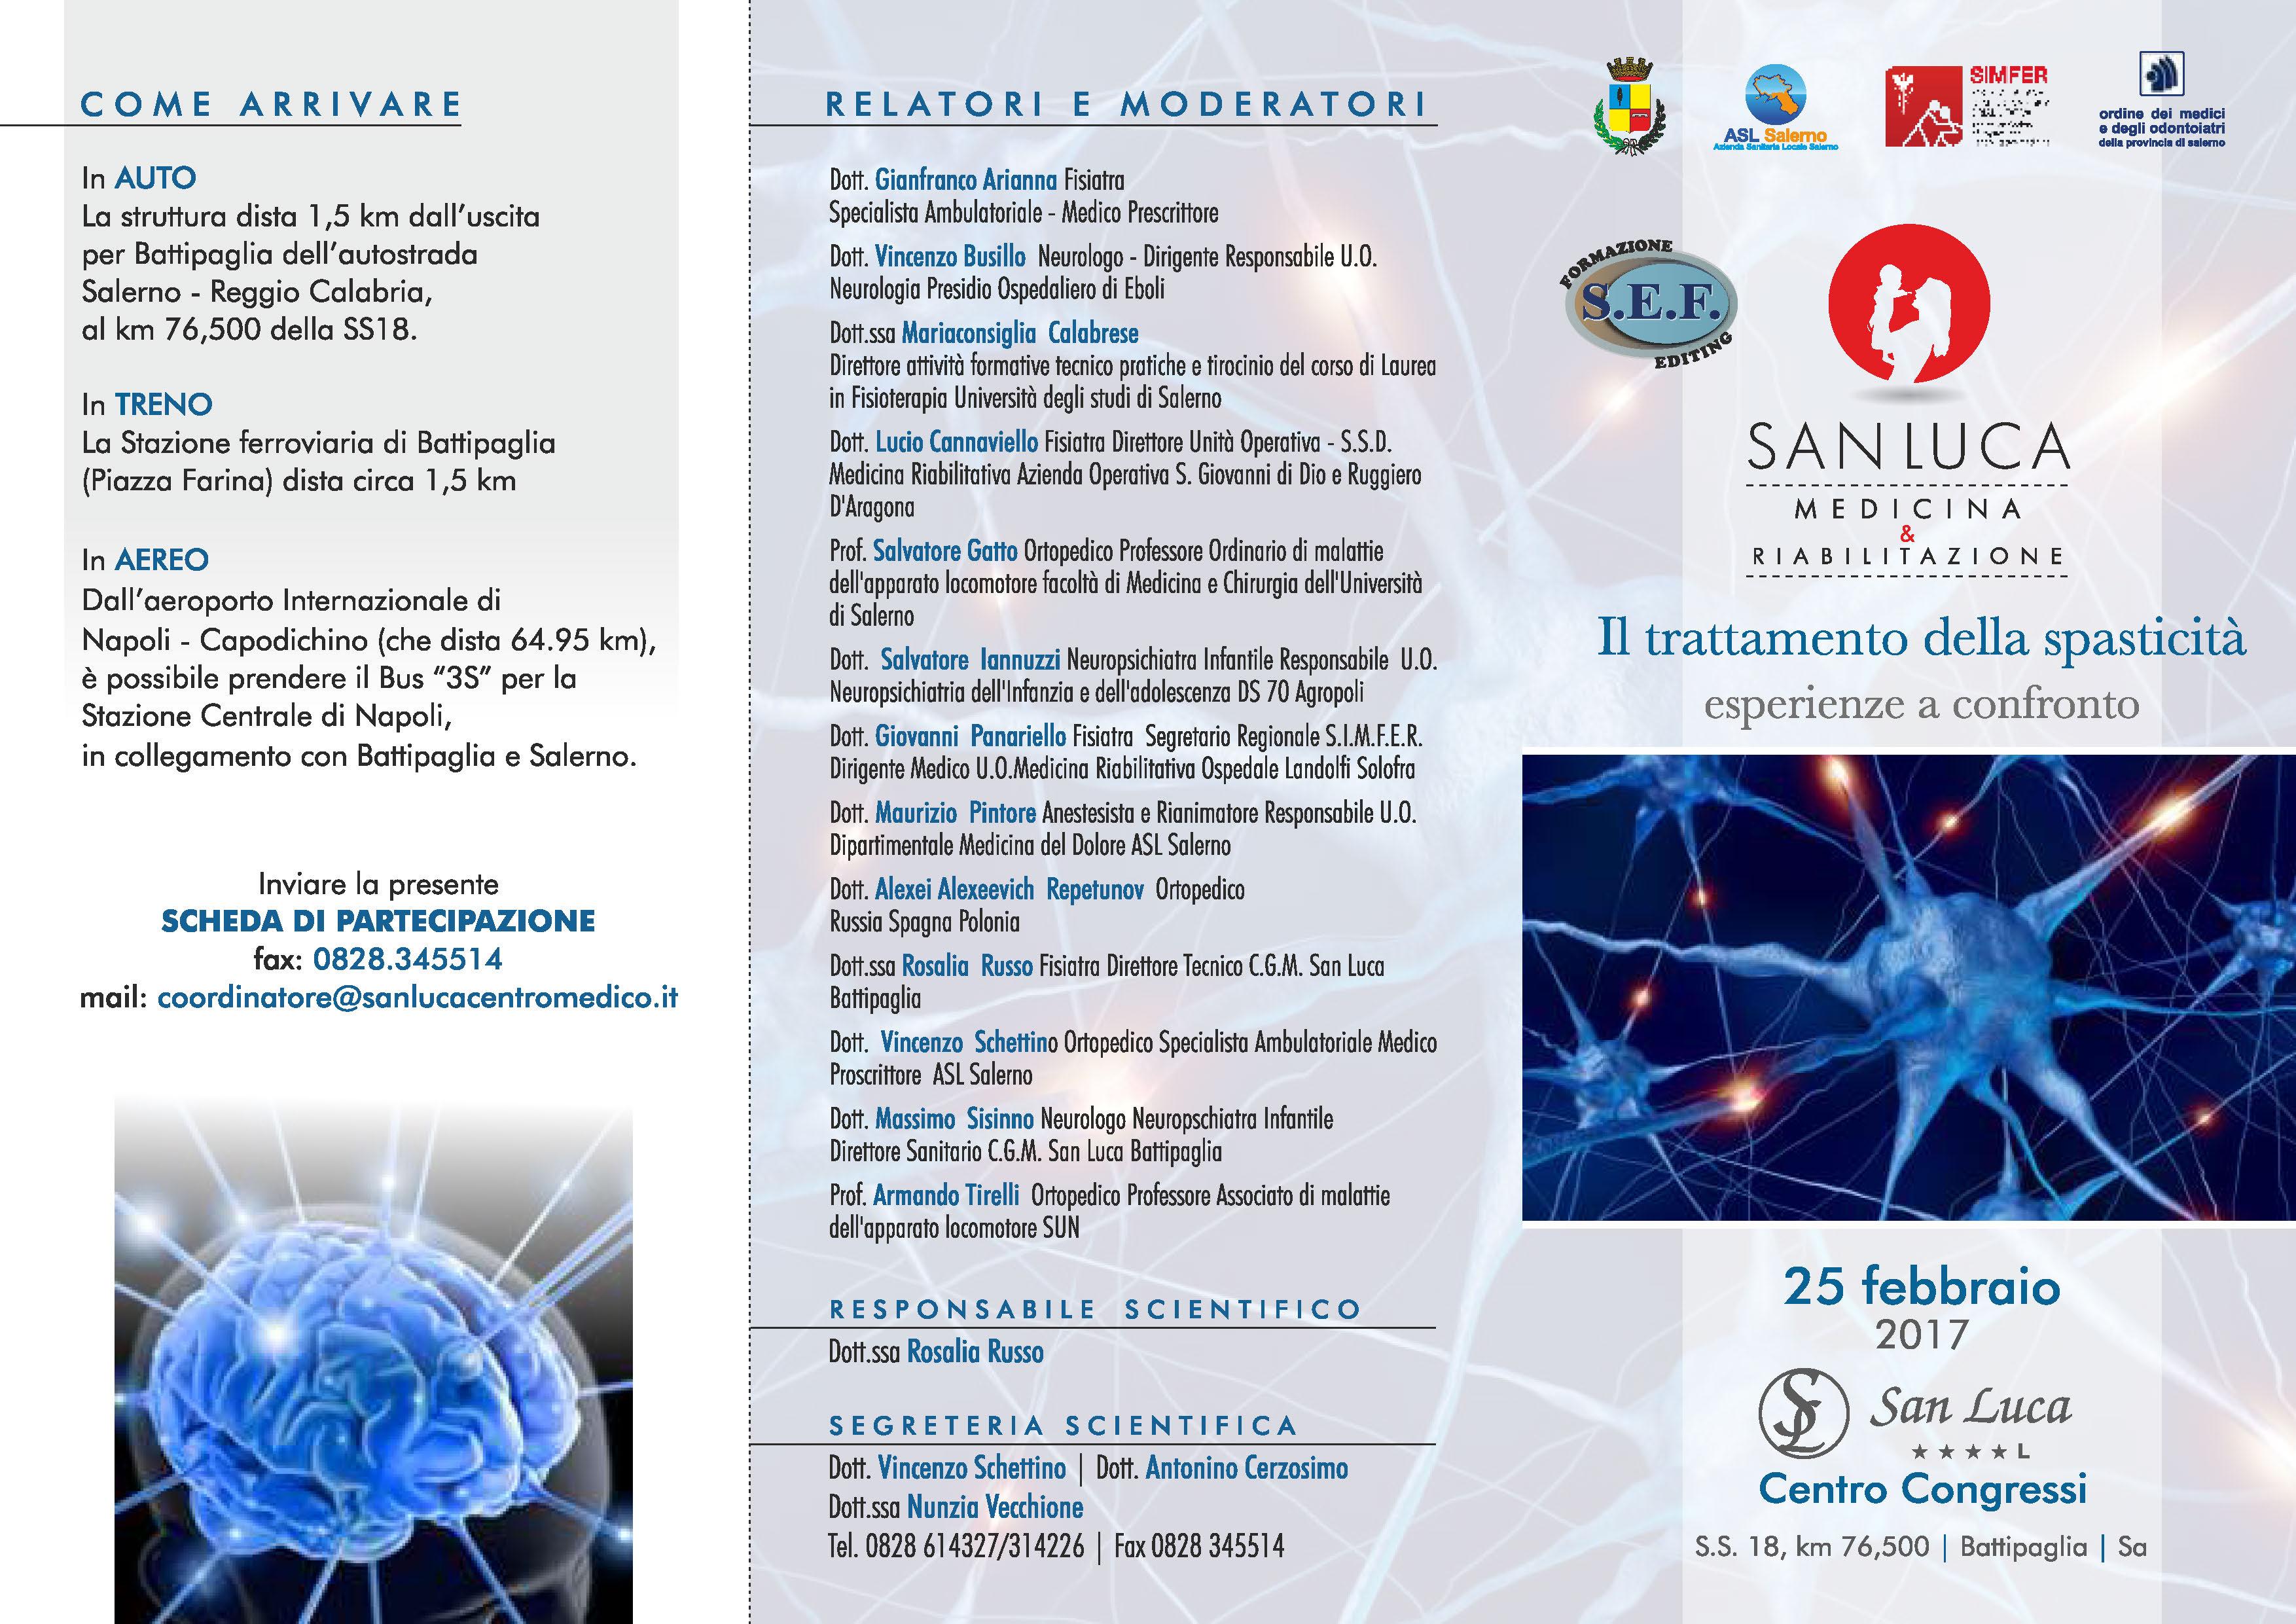 Locandina-Convegno San Luca Battipaglia 2017.02.25-3